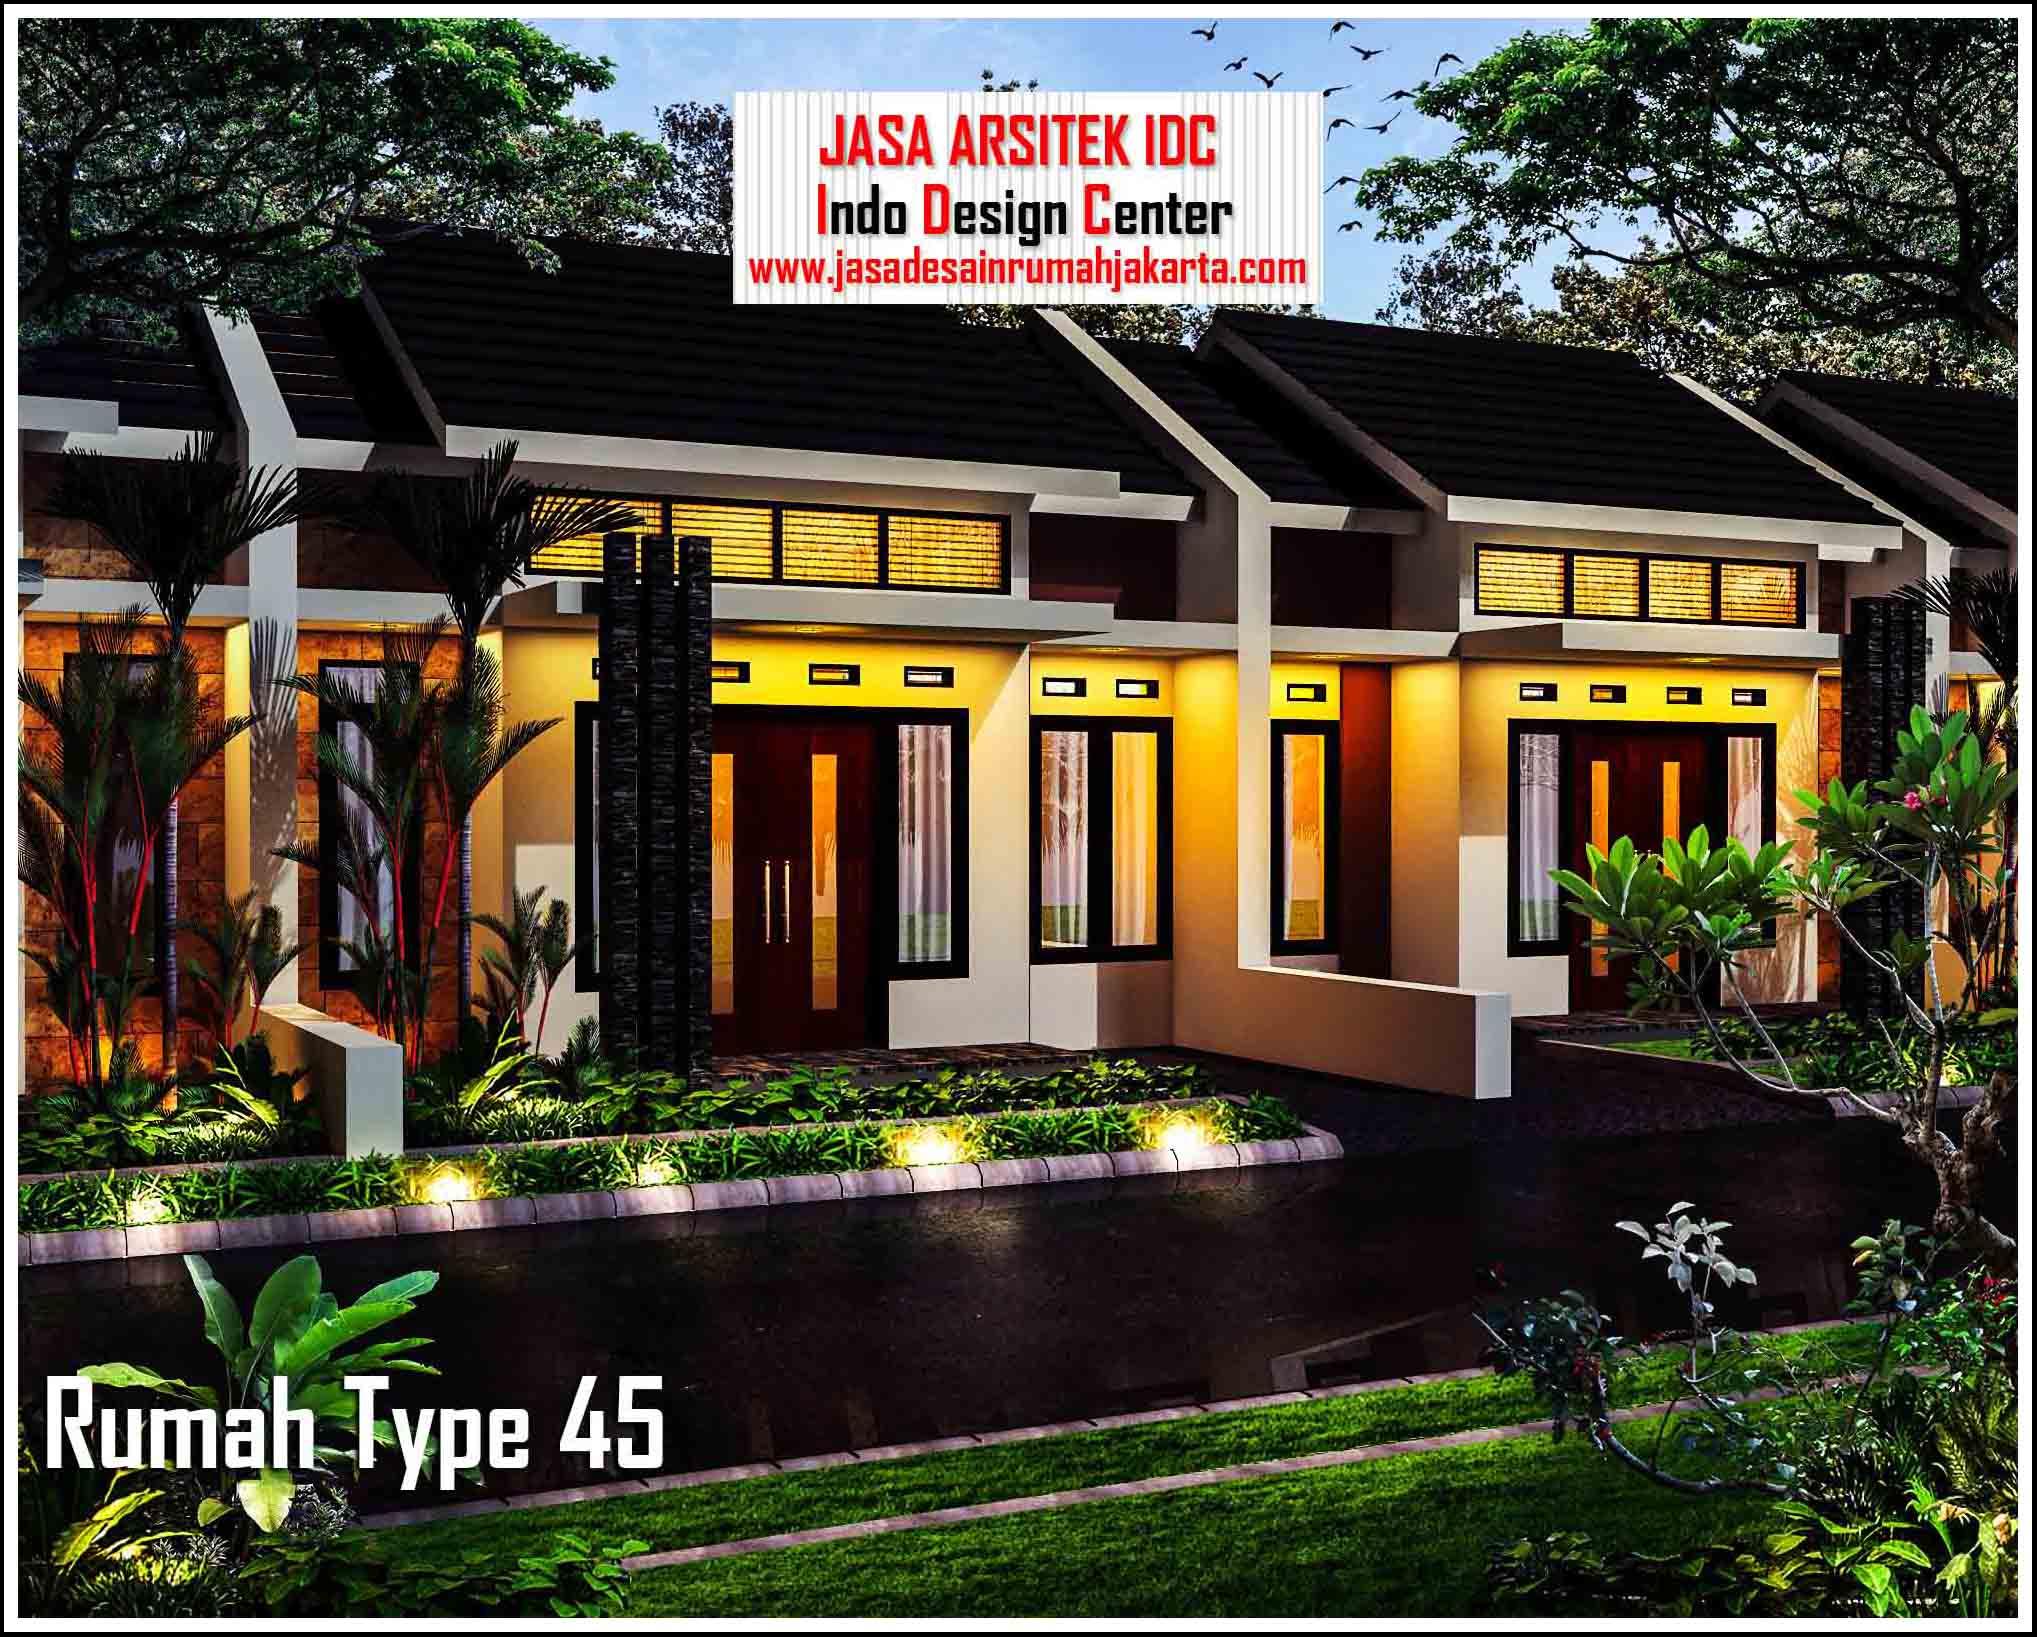 Desain Rumah Type 45 Arsip - Jasa Desain Rumah Jakarta ...